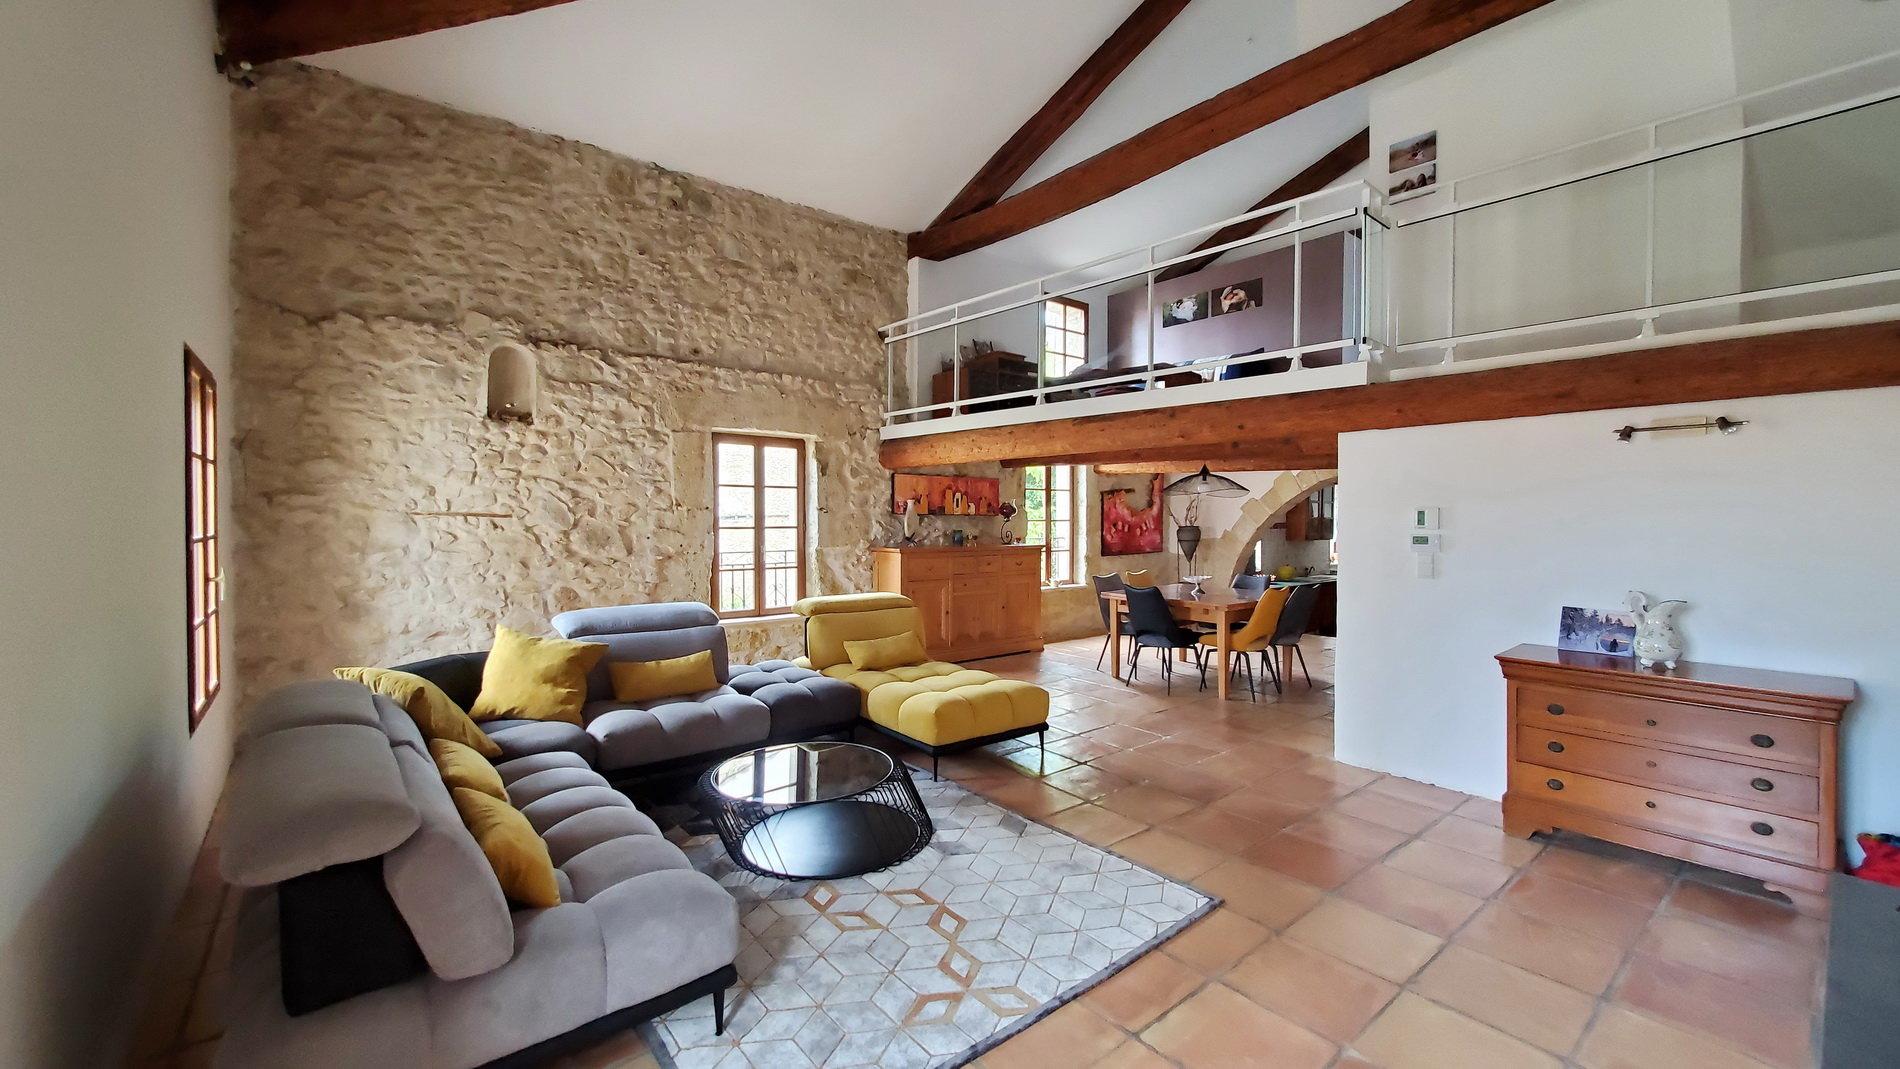 Magnifique maison en pierre avec garage et jardinet